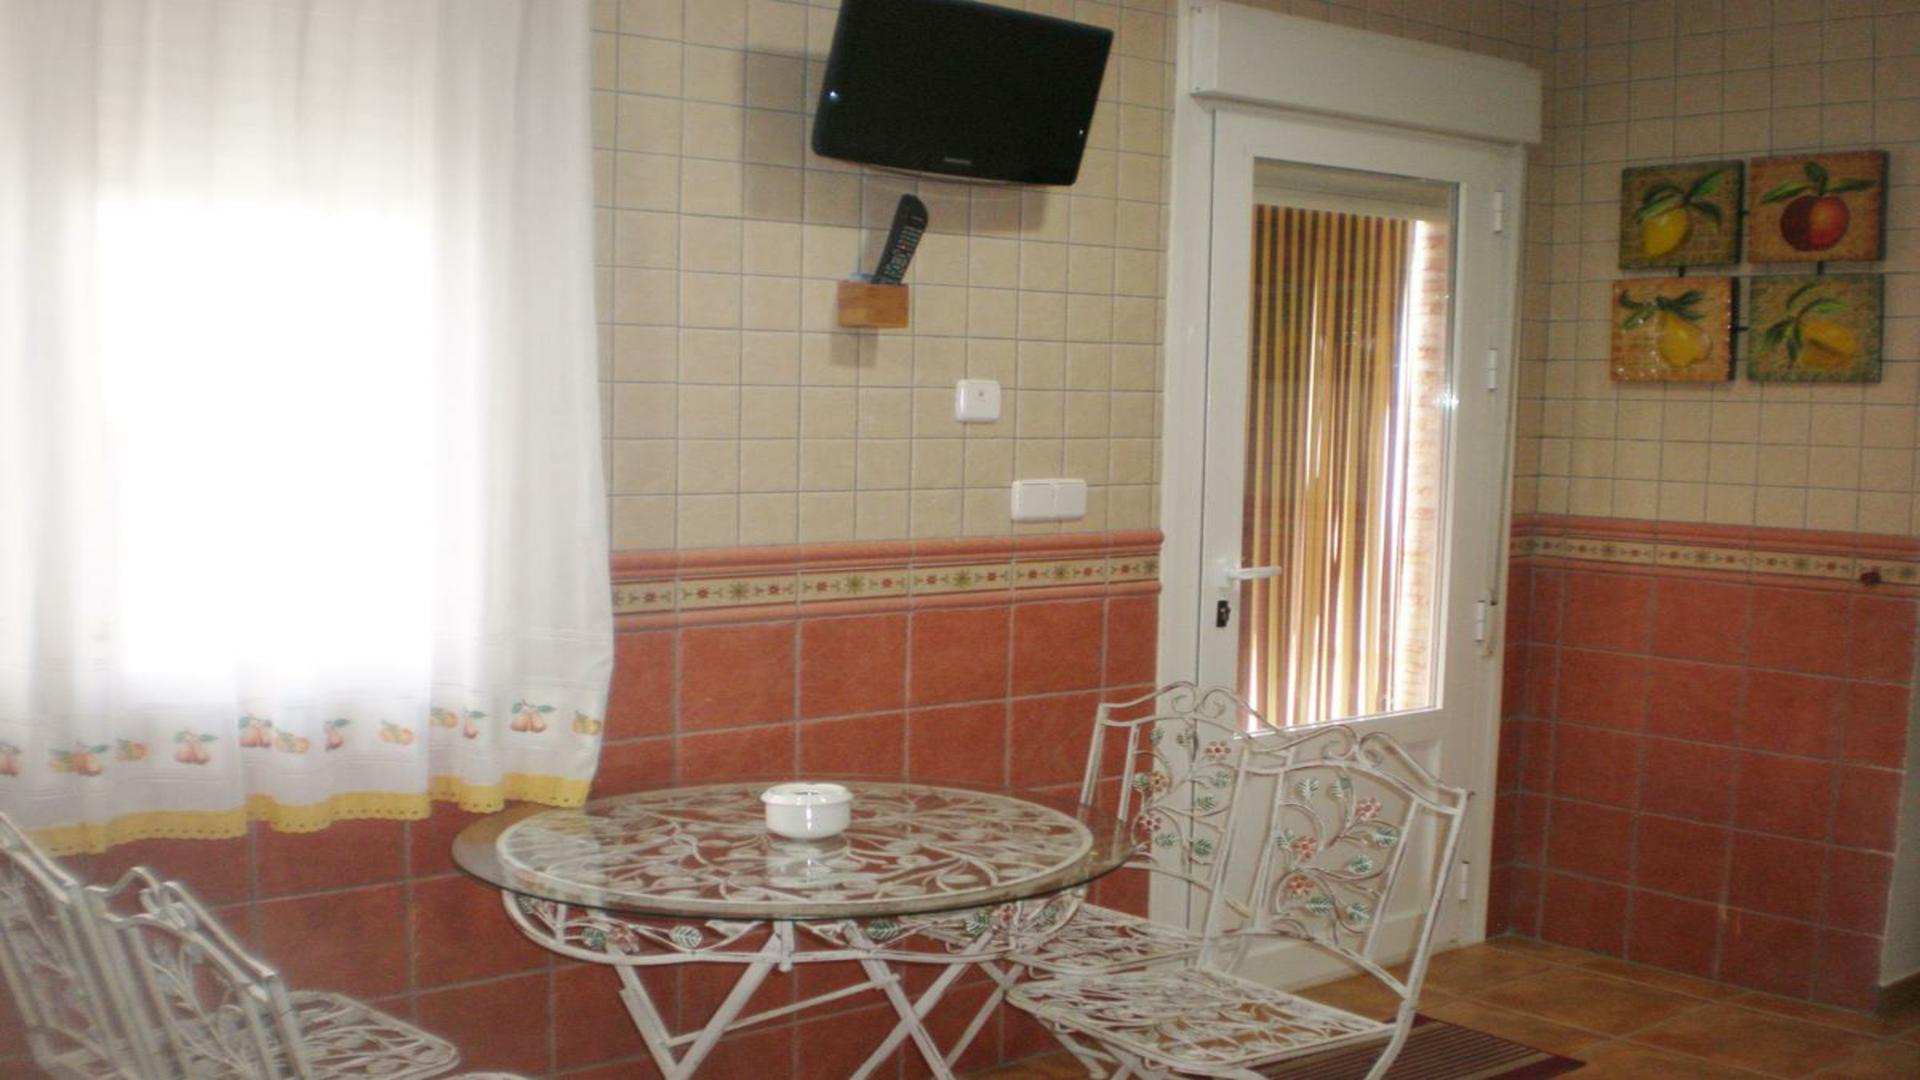 Ferienhaus Lndliches Haus Castellar de Santiago (2515123), Castellar de Santiago, Ciudad Real, Kastilien-La Mancha, Spanien, Bild 2